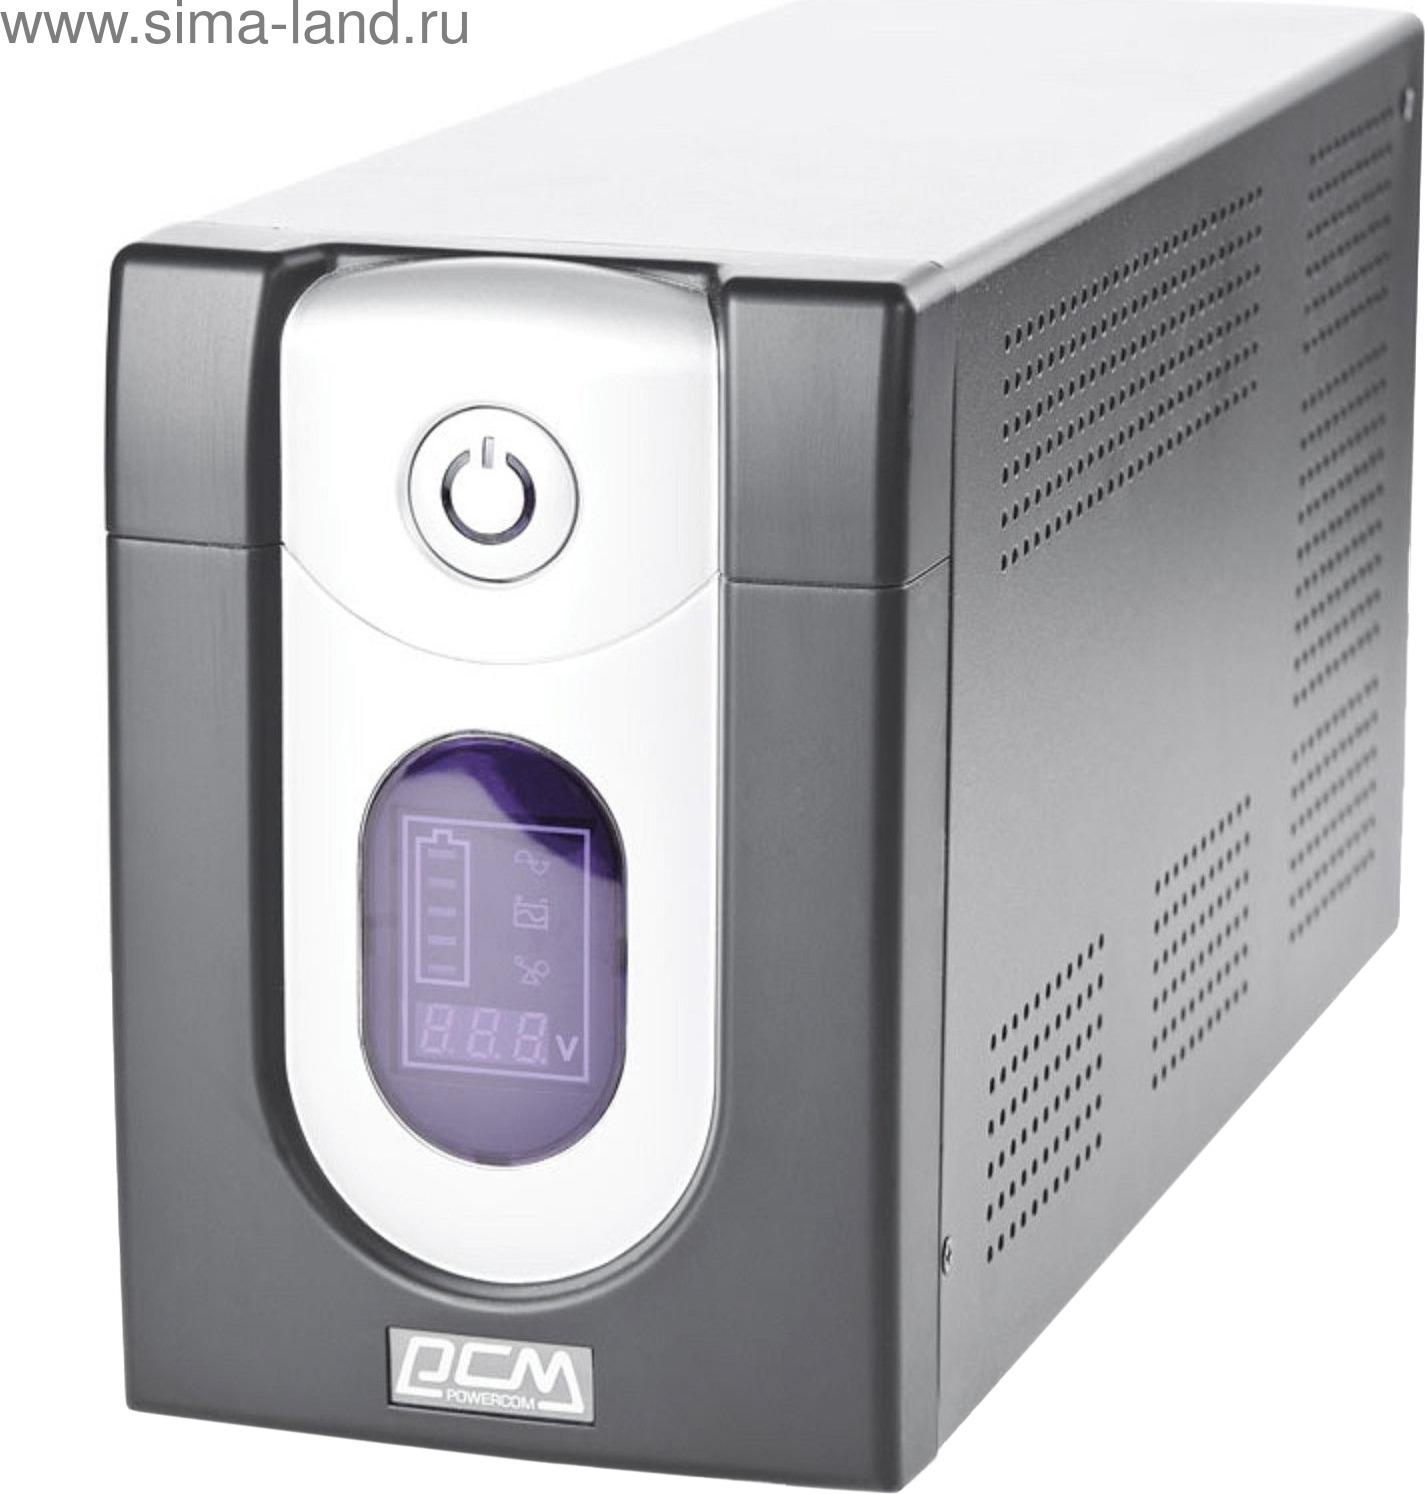 Источник бесперебойного питания Powercom Imperial IMD-2000AP 1200Вт 2000ВА, черный источник бесперебойного питания с внешним аккумулятором для котла